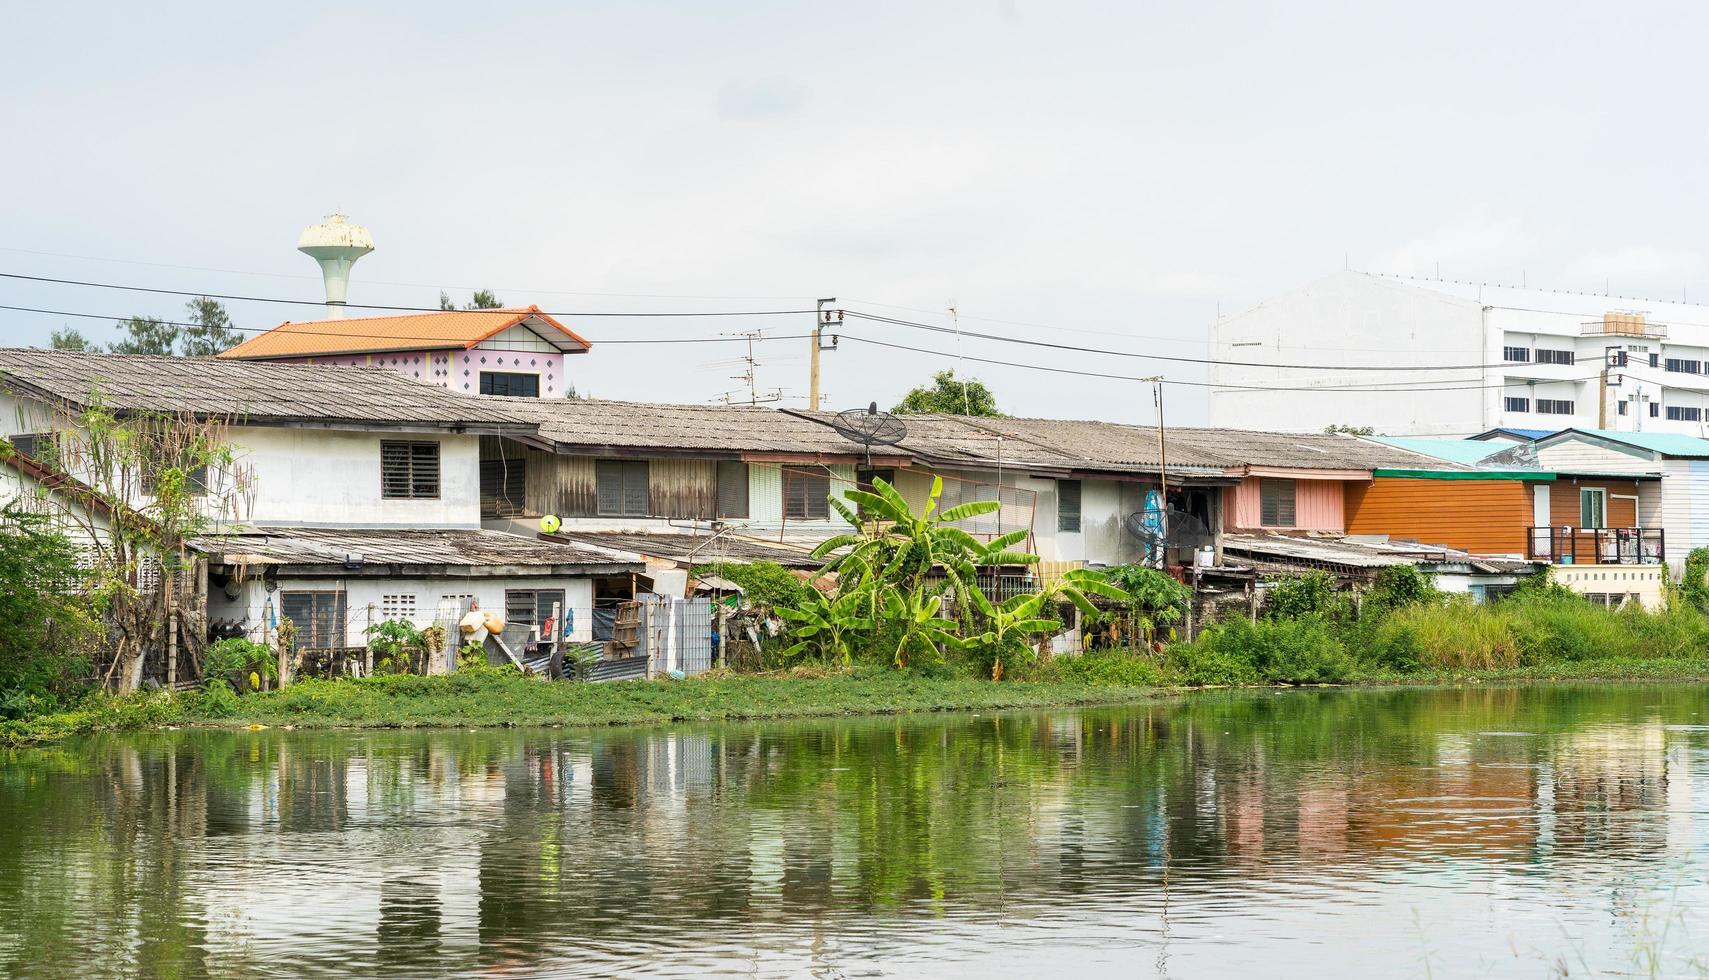 comunidad frente al mar en tailandia foto